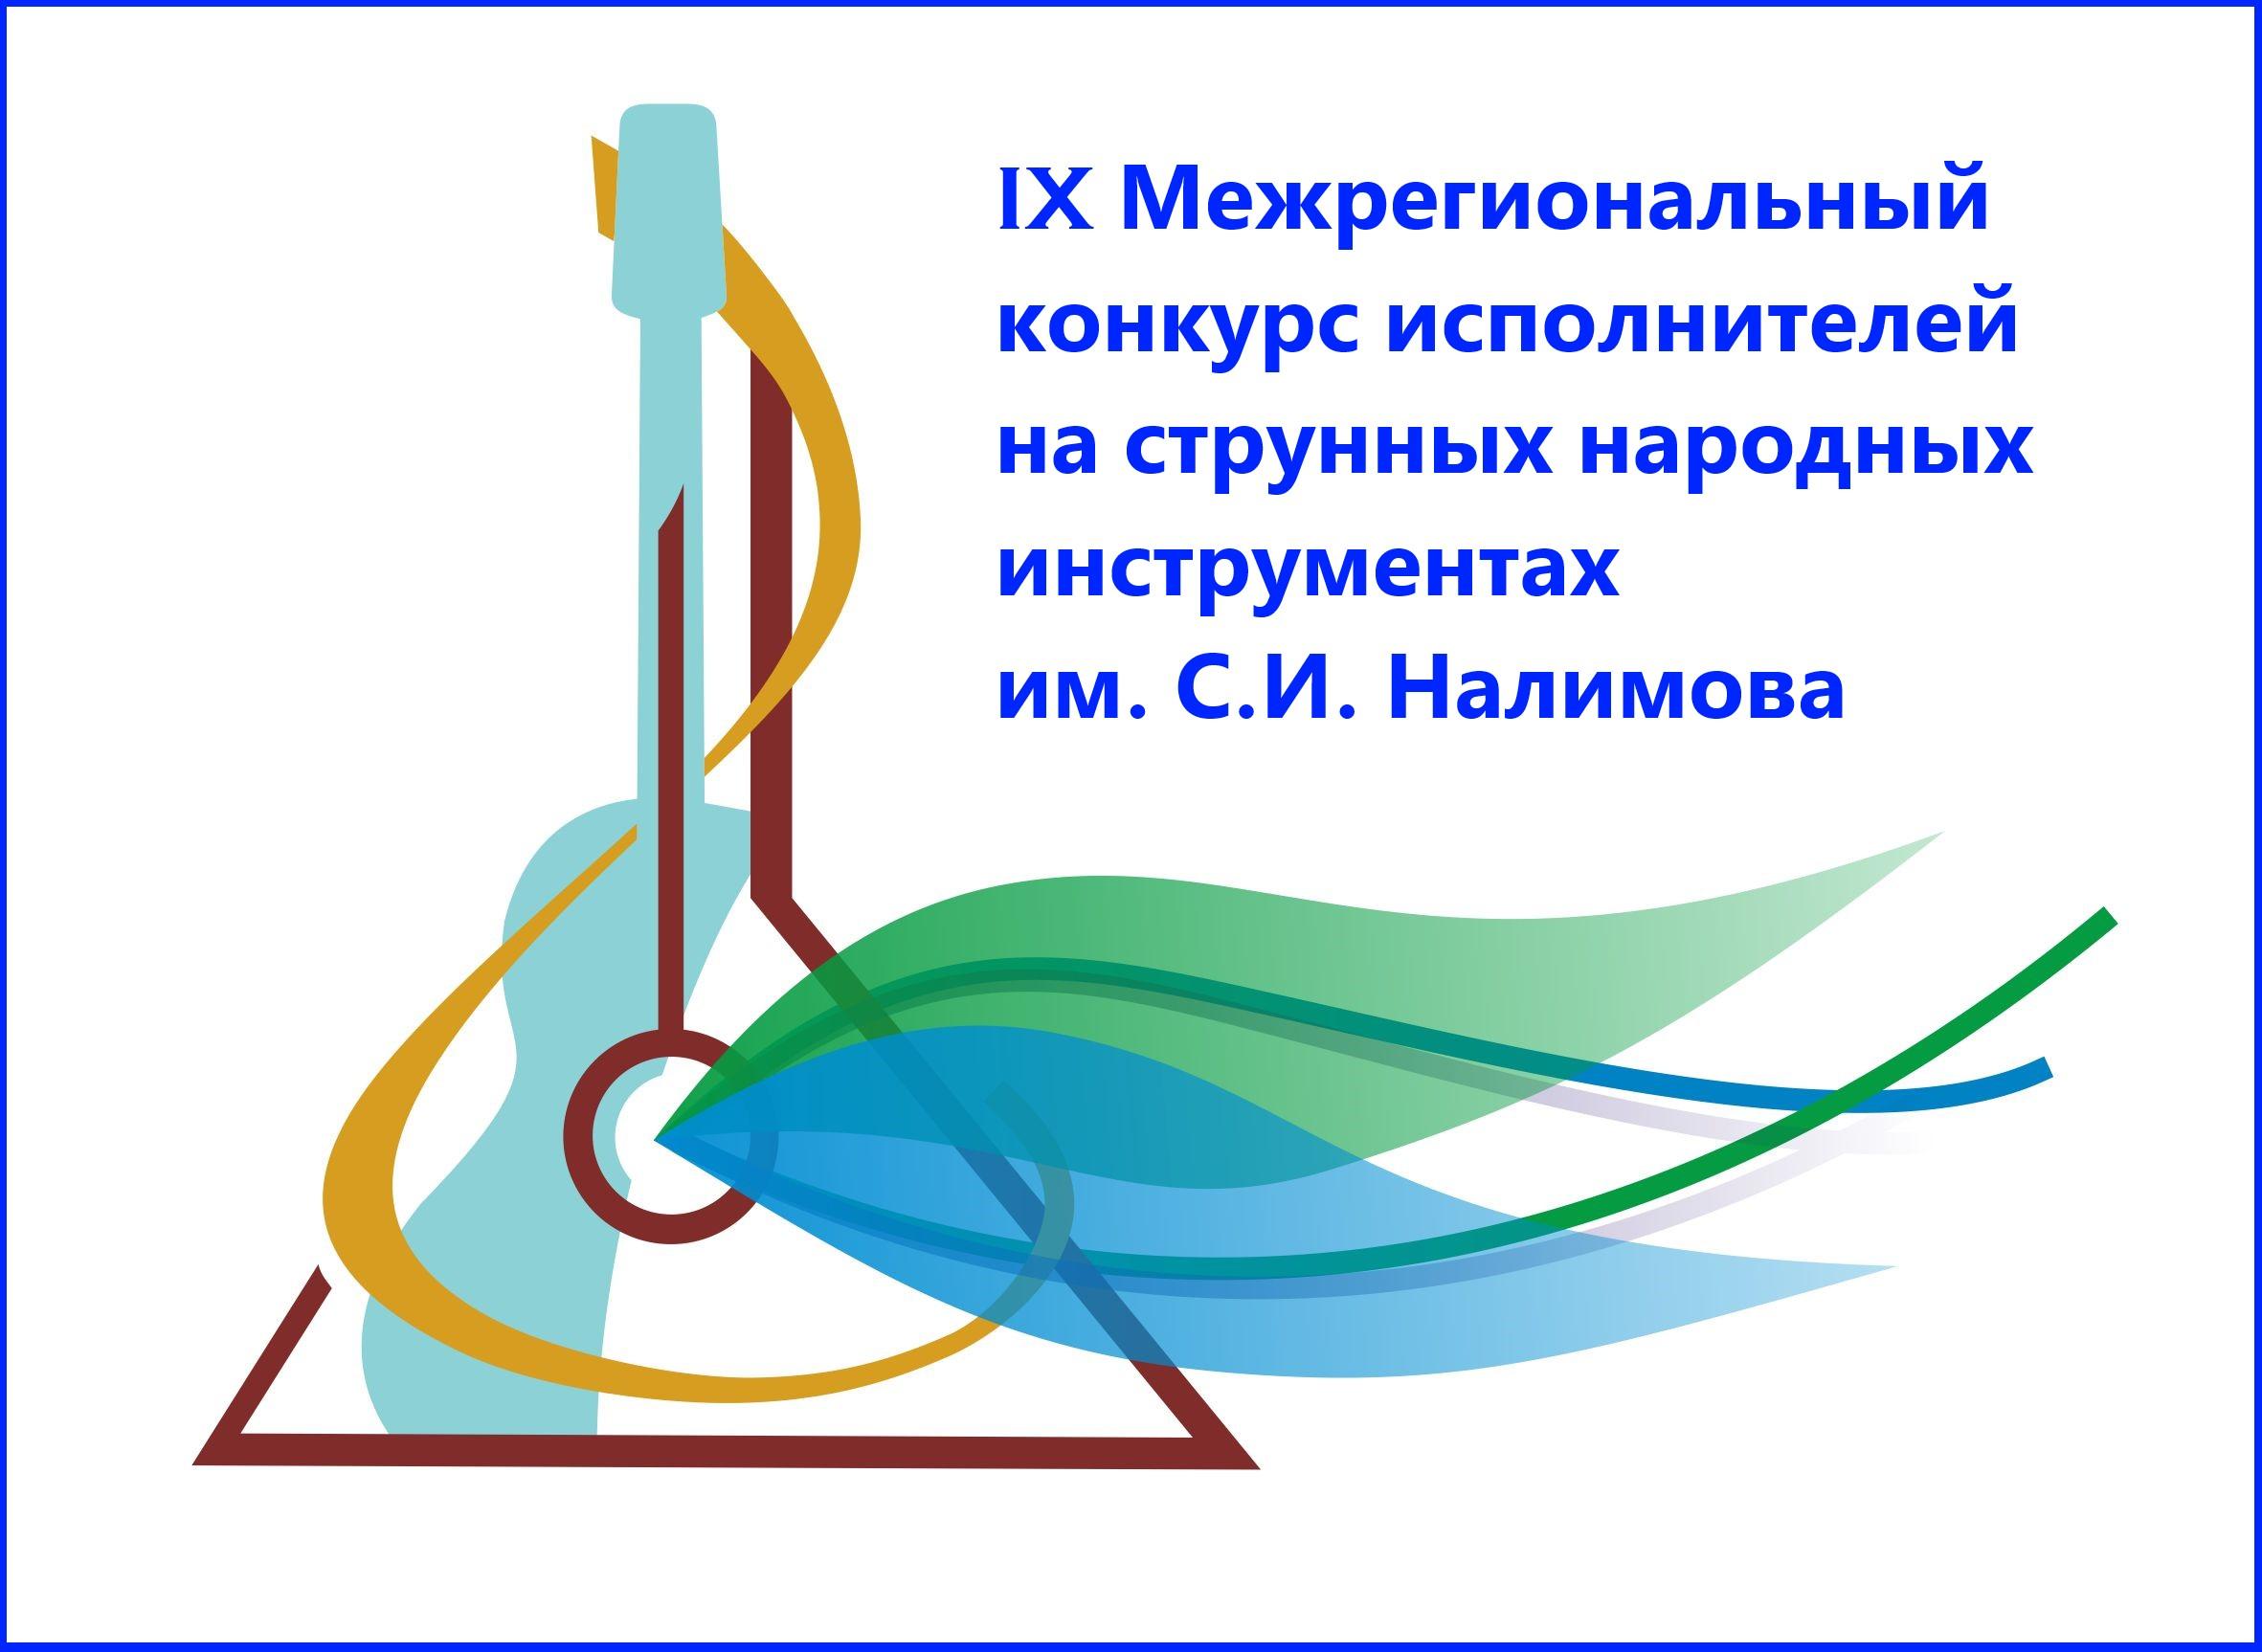 IX Межрегиональный конкурс исполнителей на струнных народных инструментах им. С.И. Налимова